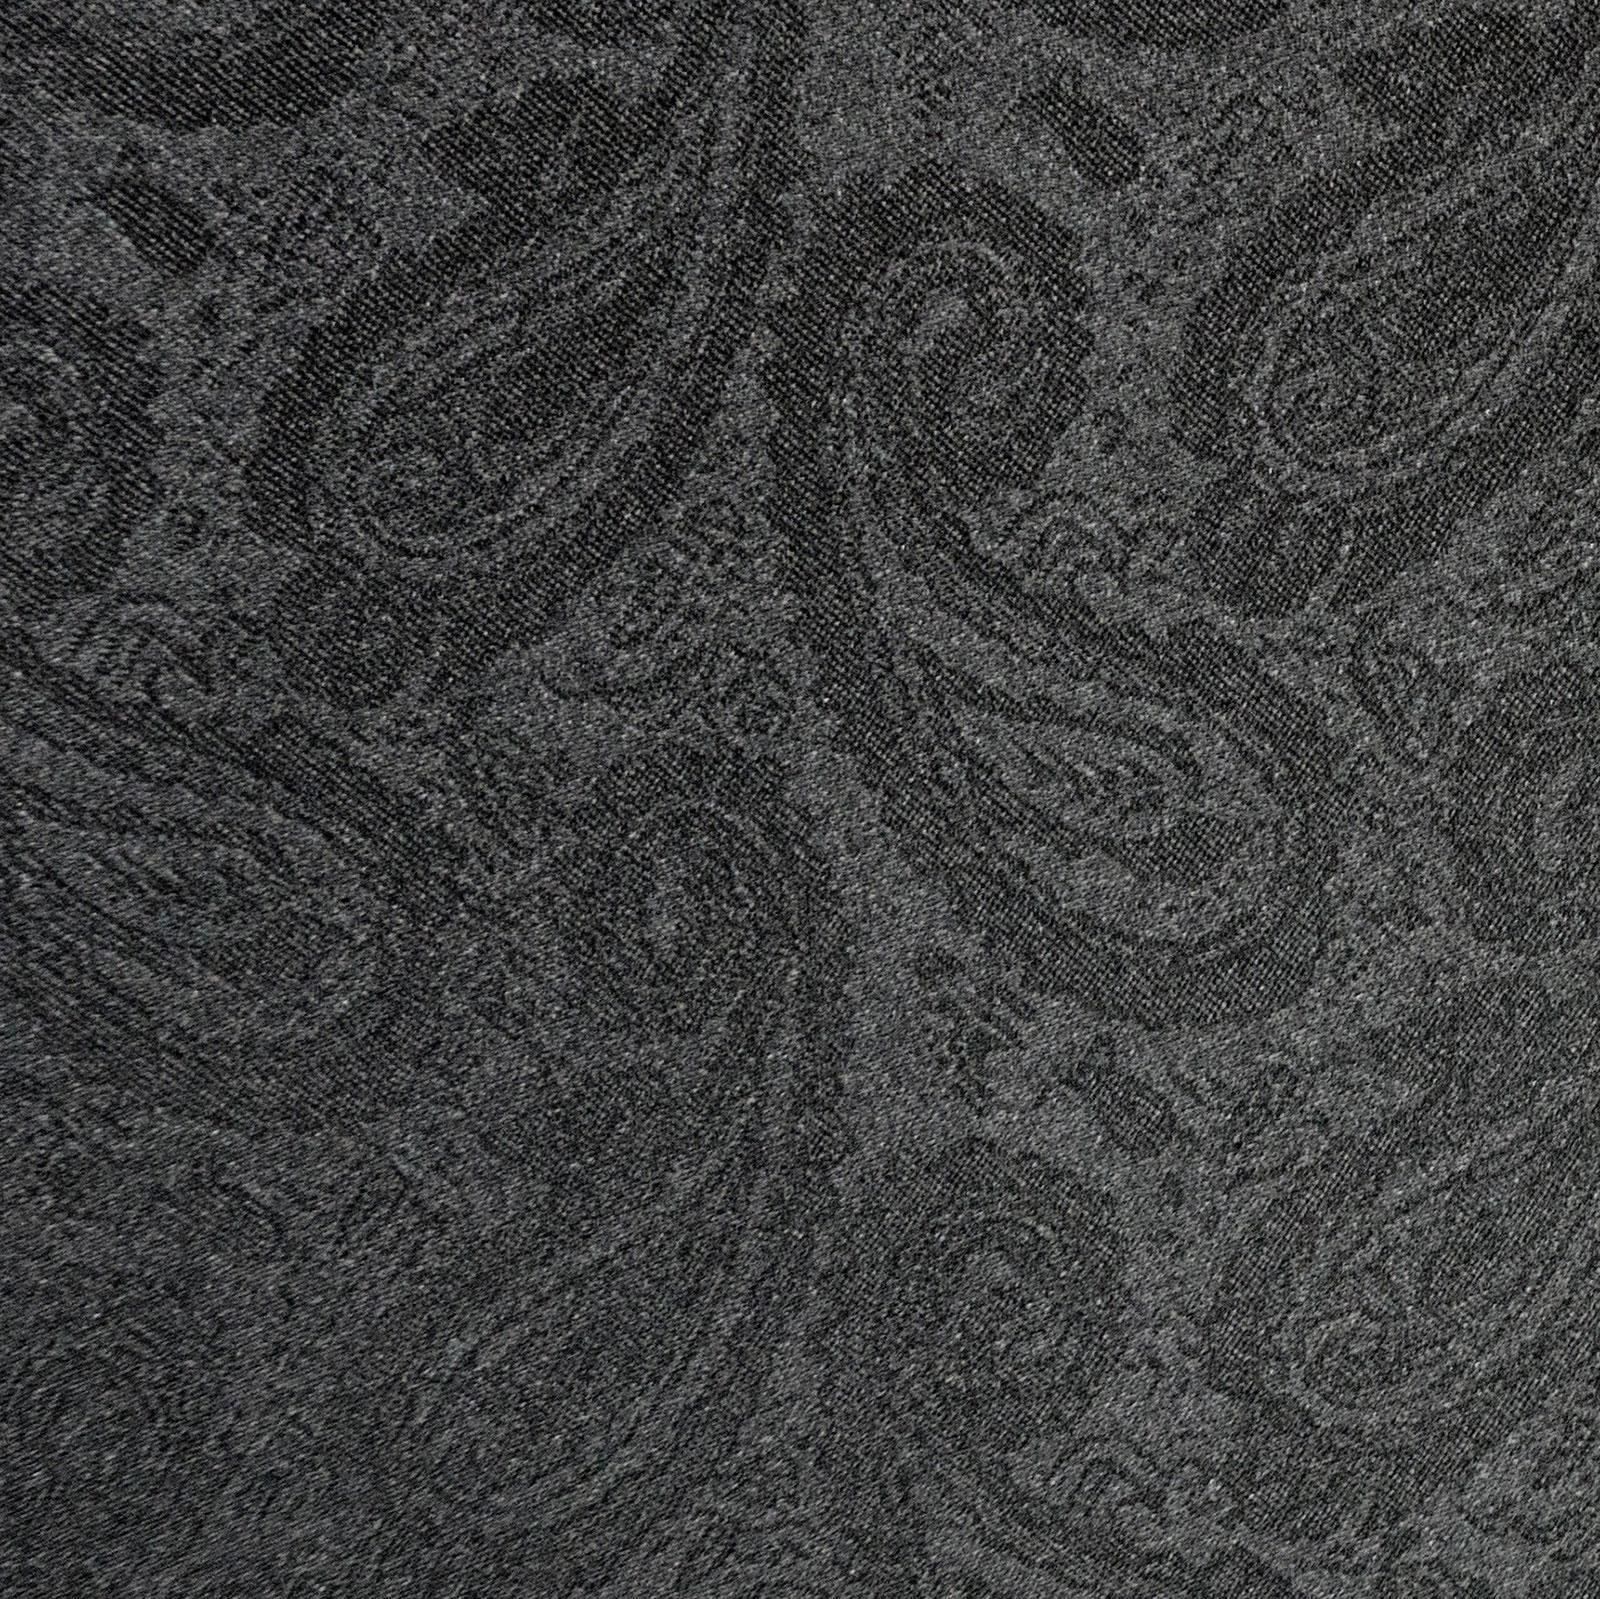 【紳士】晴雨兼用-一級遮光ペイズリー-長-ブラック 【2020年4月販売開始予定】